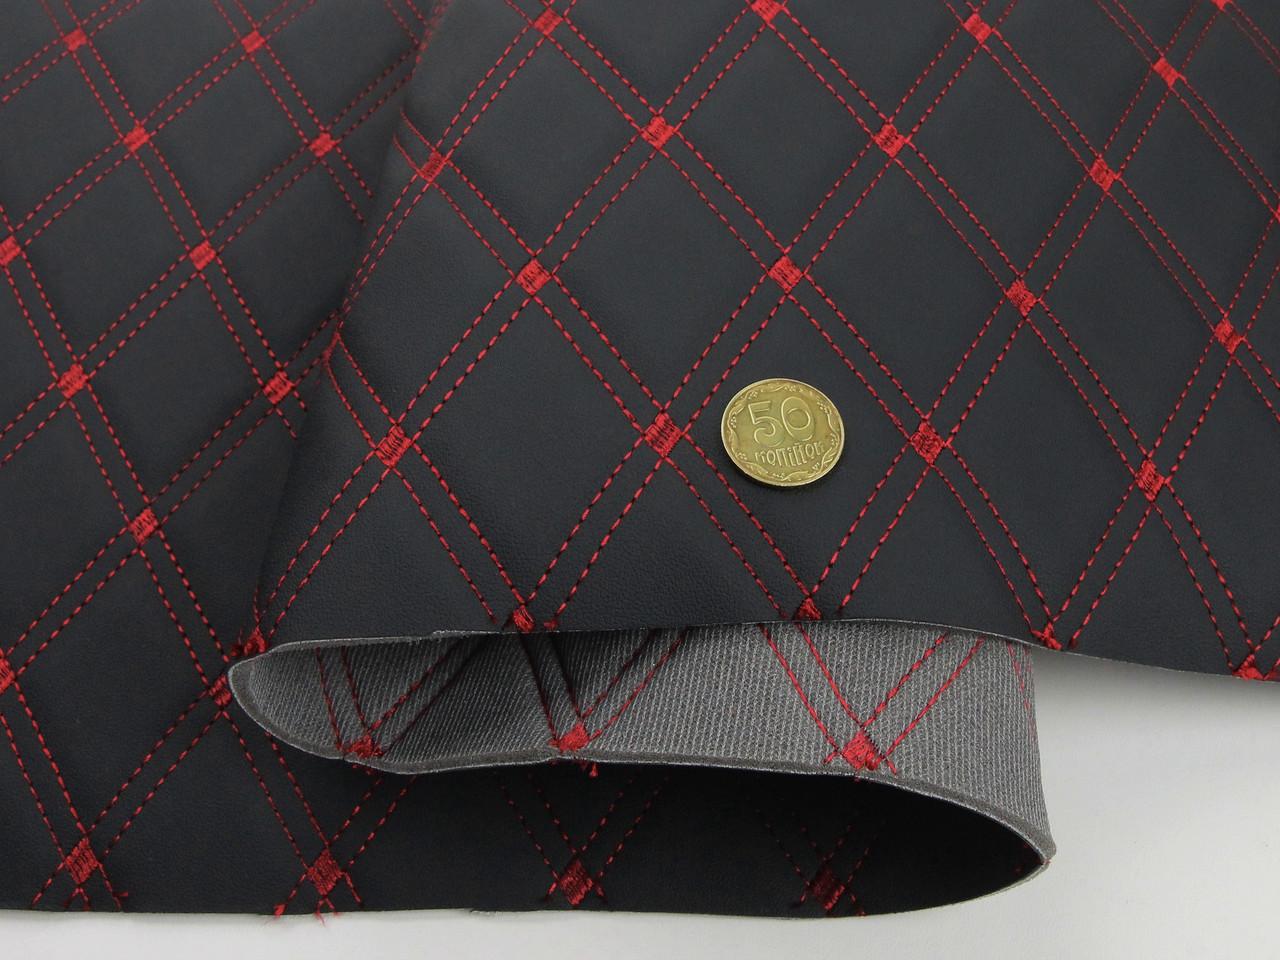 Чорний Кожзам (прошитий червоною ниткою) для автомобілів, поролон з сіткою. «Ромб подвійний» шир 1,45 м